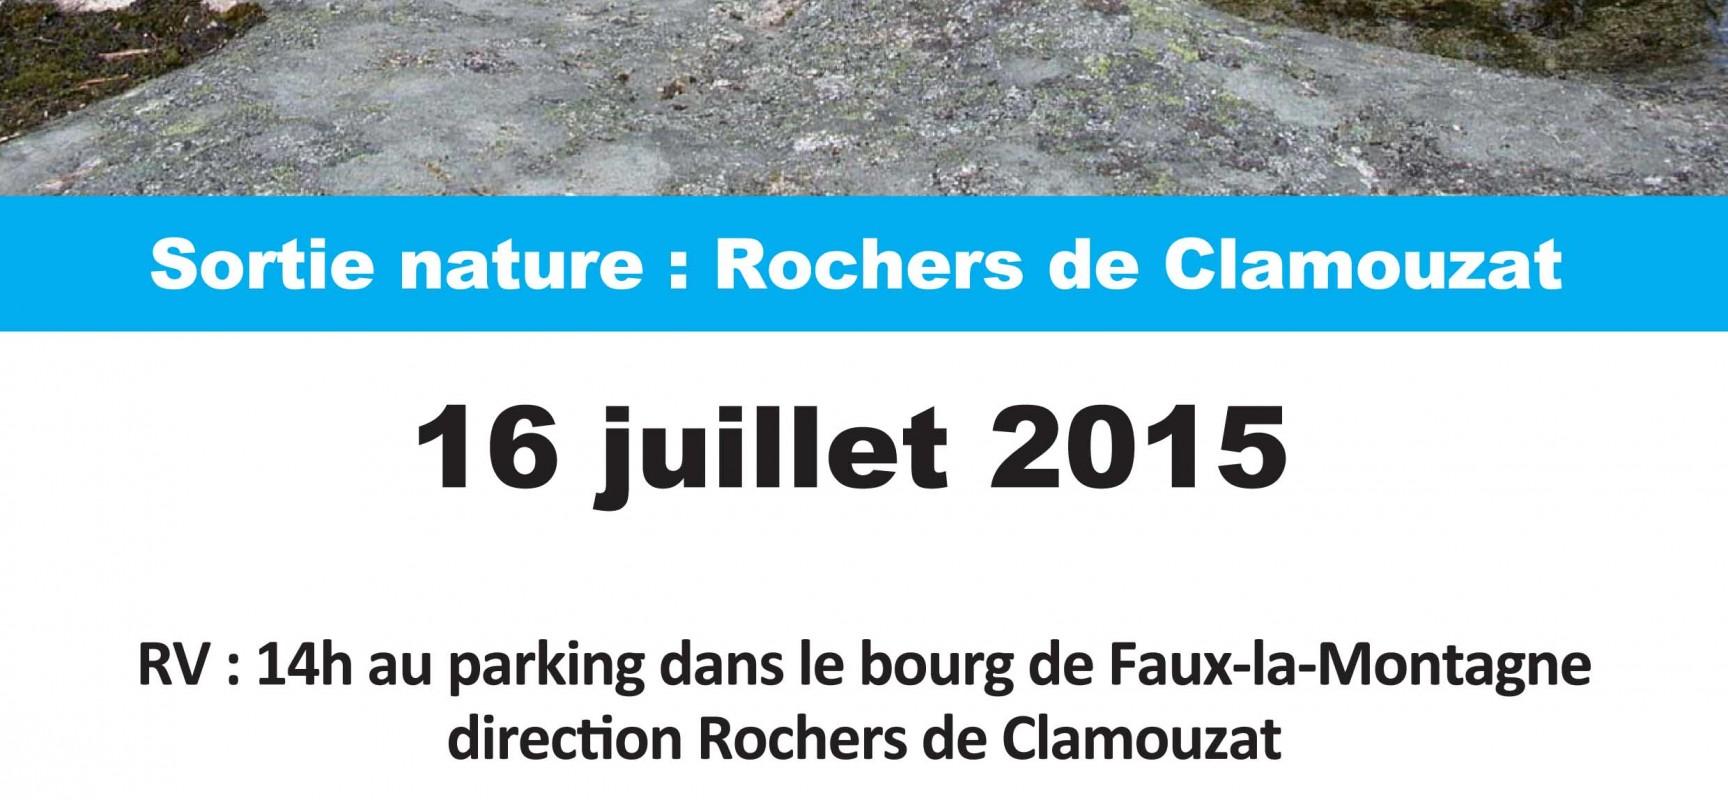 Sortie nature : Rochers de Clamouzat